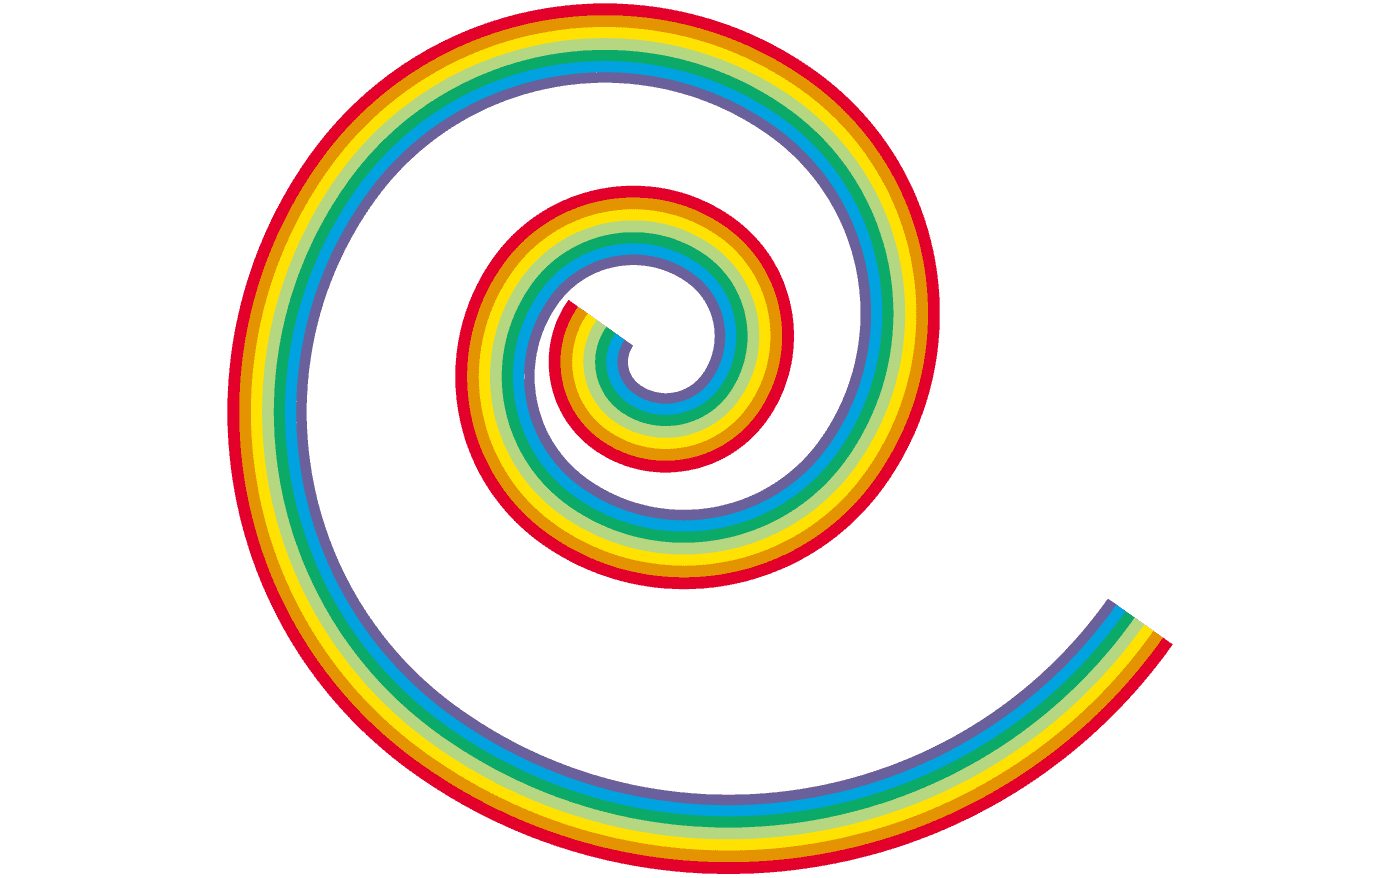 螺旋の虹イラスト